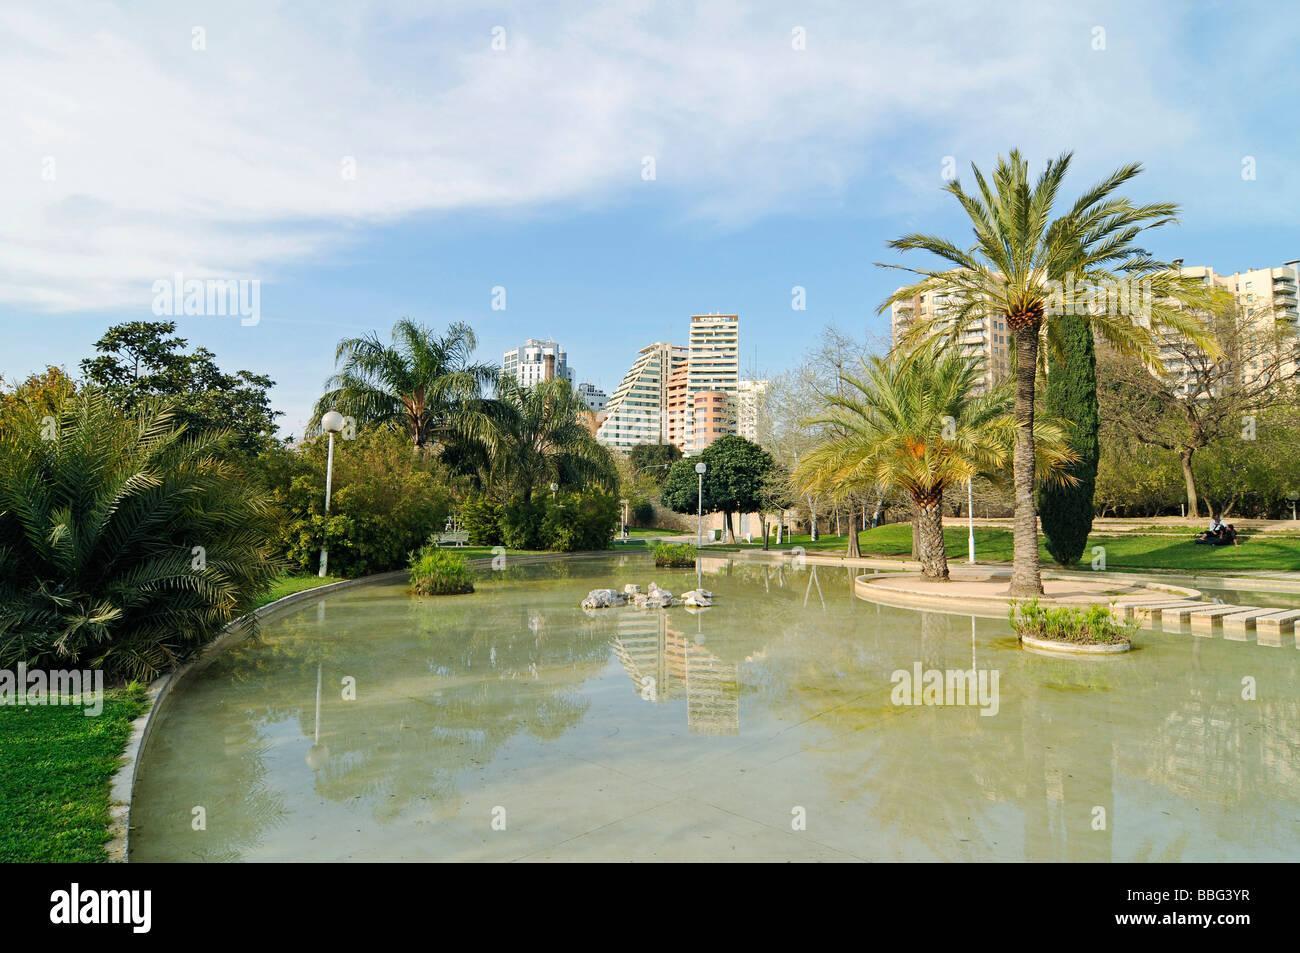 Water lake landscape architecture cultivation jardines del turia stock photo 24325947 alamy - Jardin del turia valencia ...